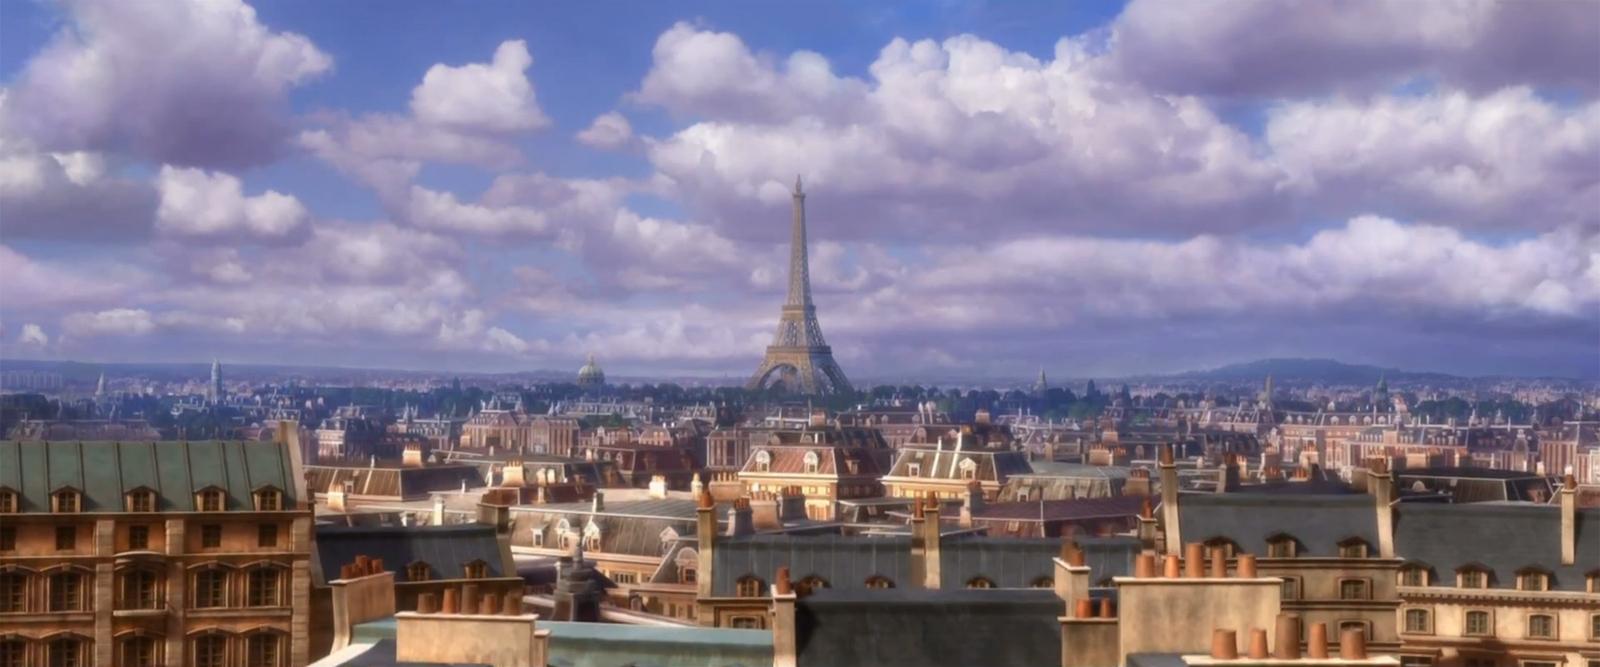 paris cars pixar wiki fandom powered by wikia